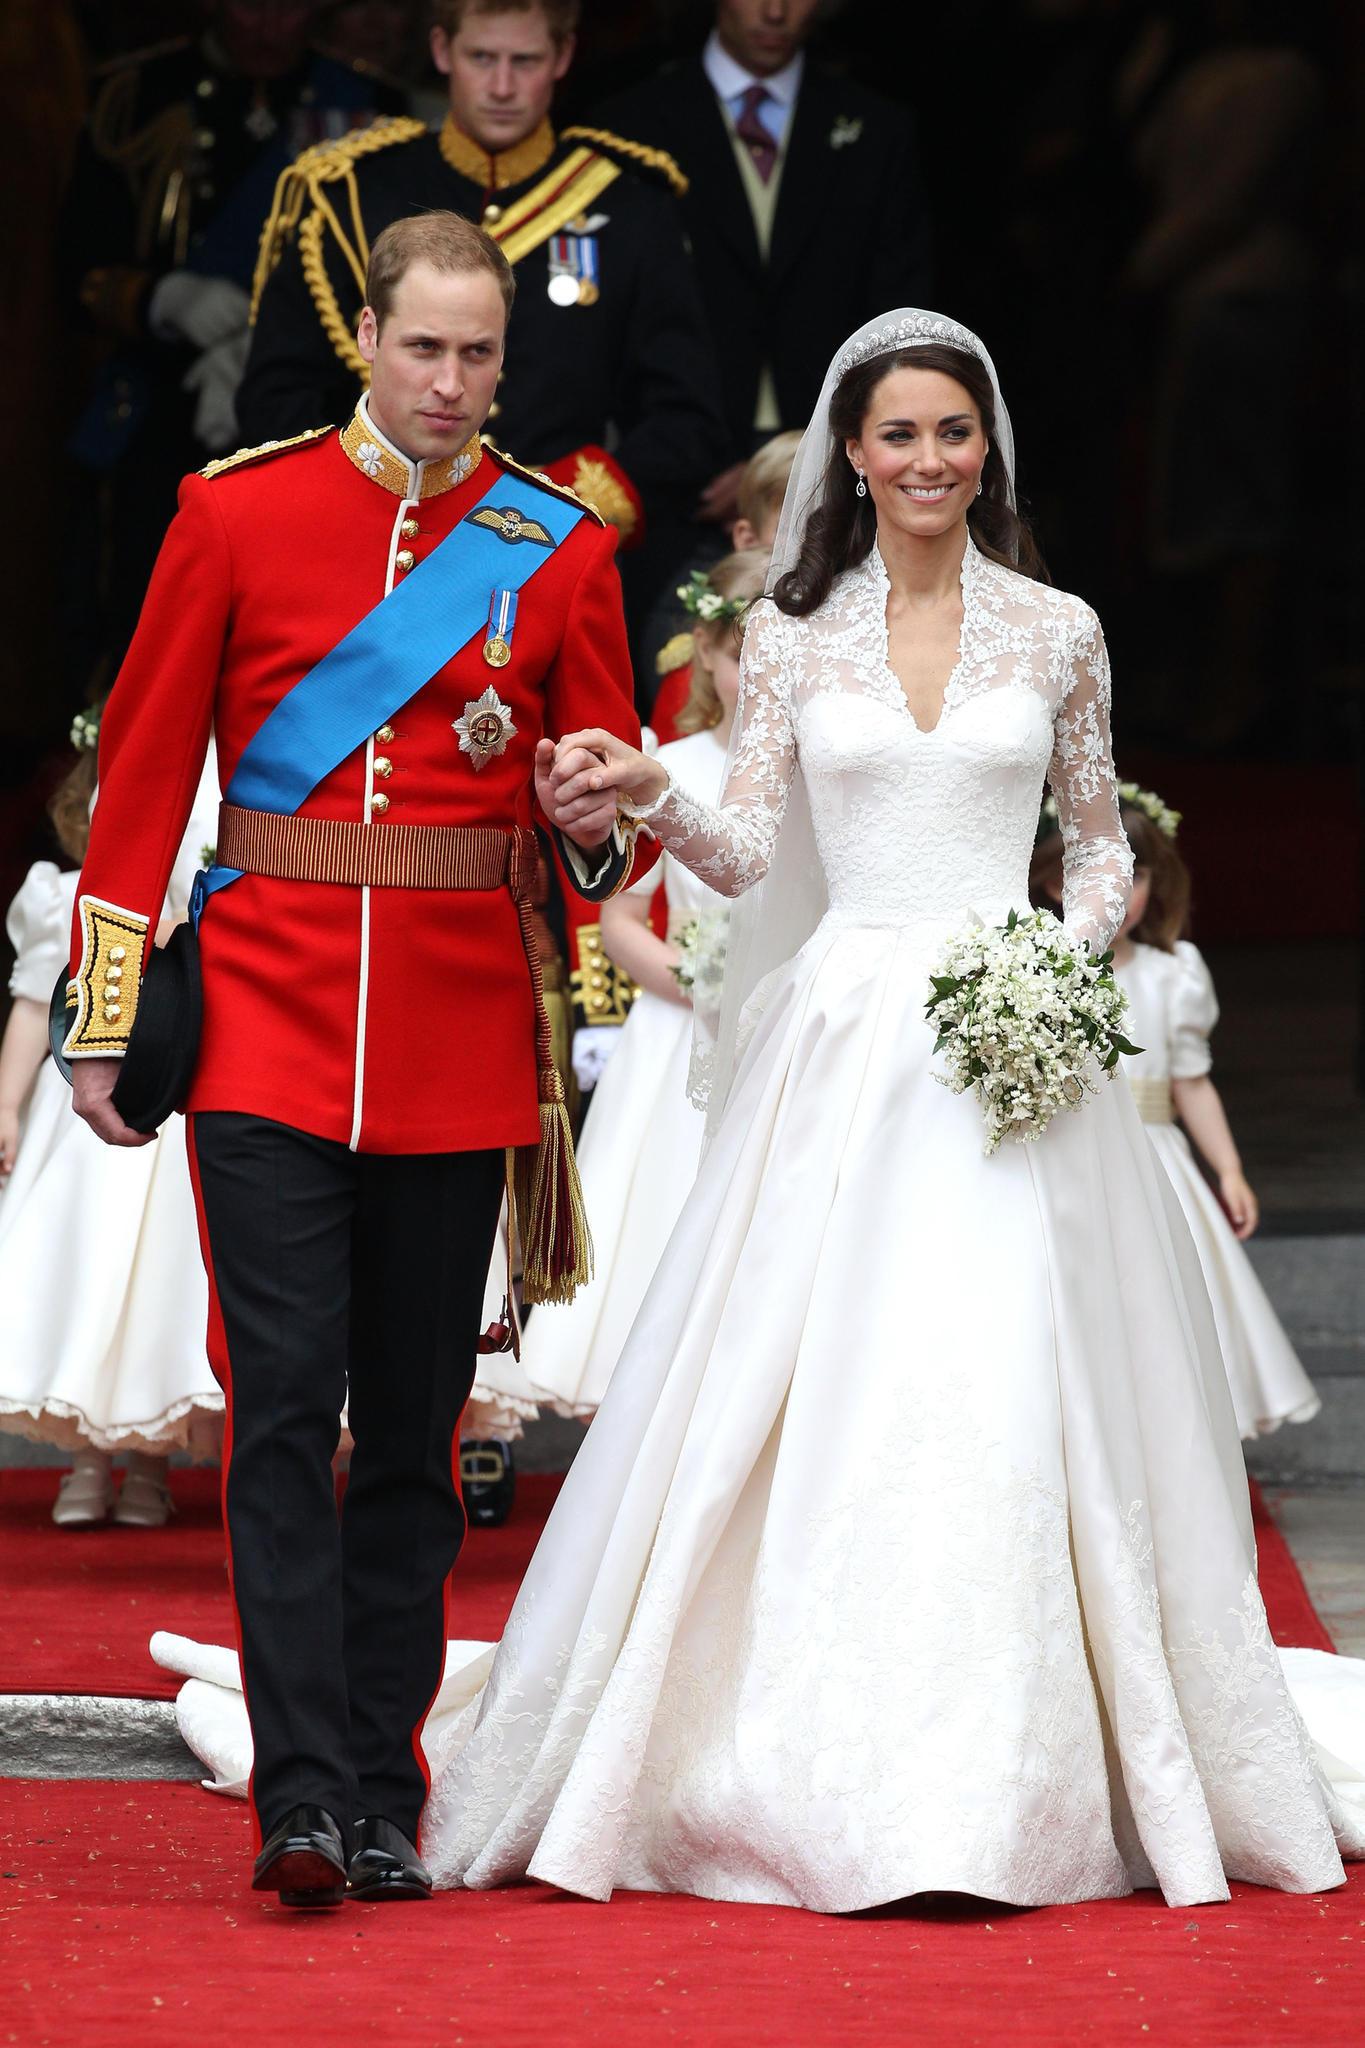 Prinz William und Herzogin Catherine heirateten am 29. April 2011